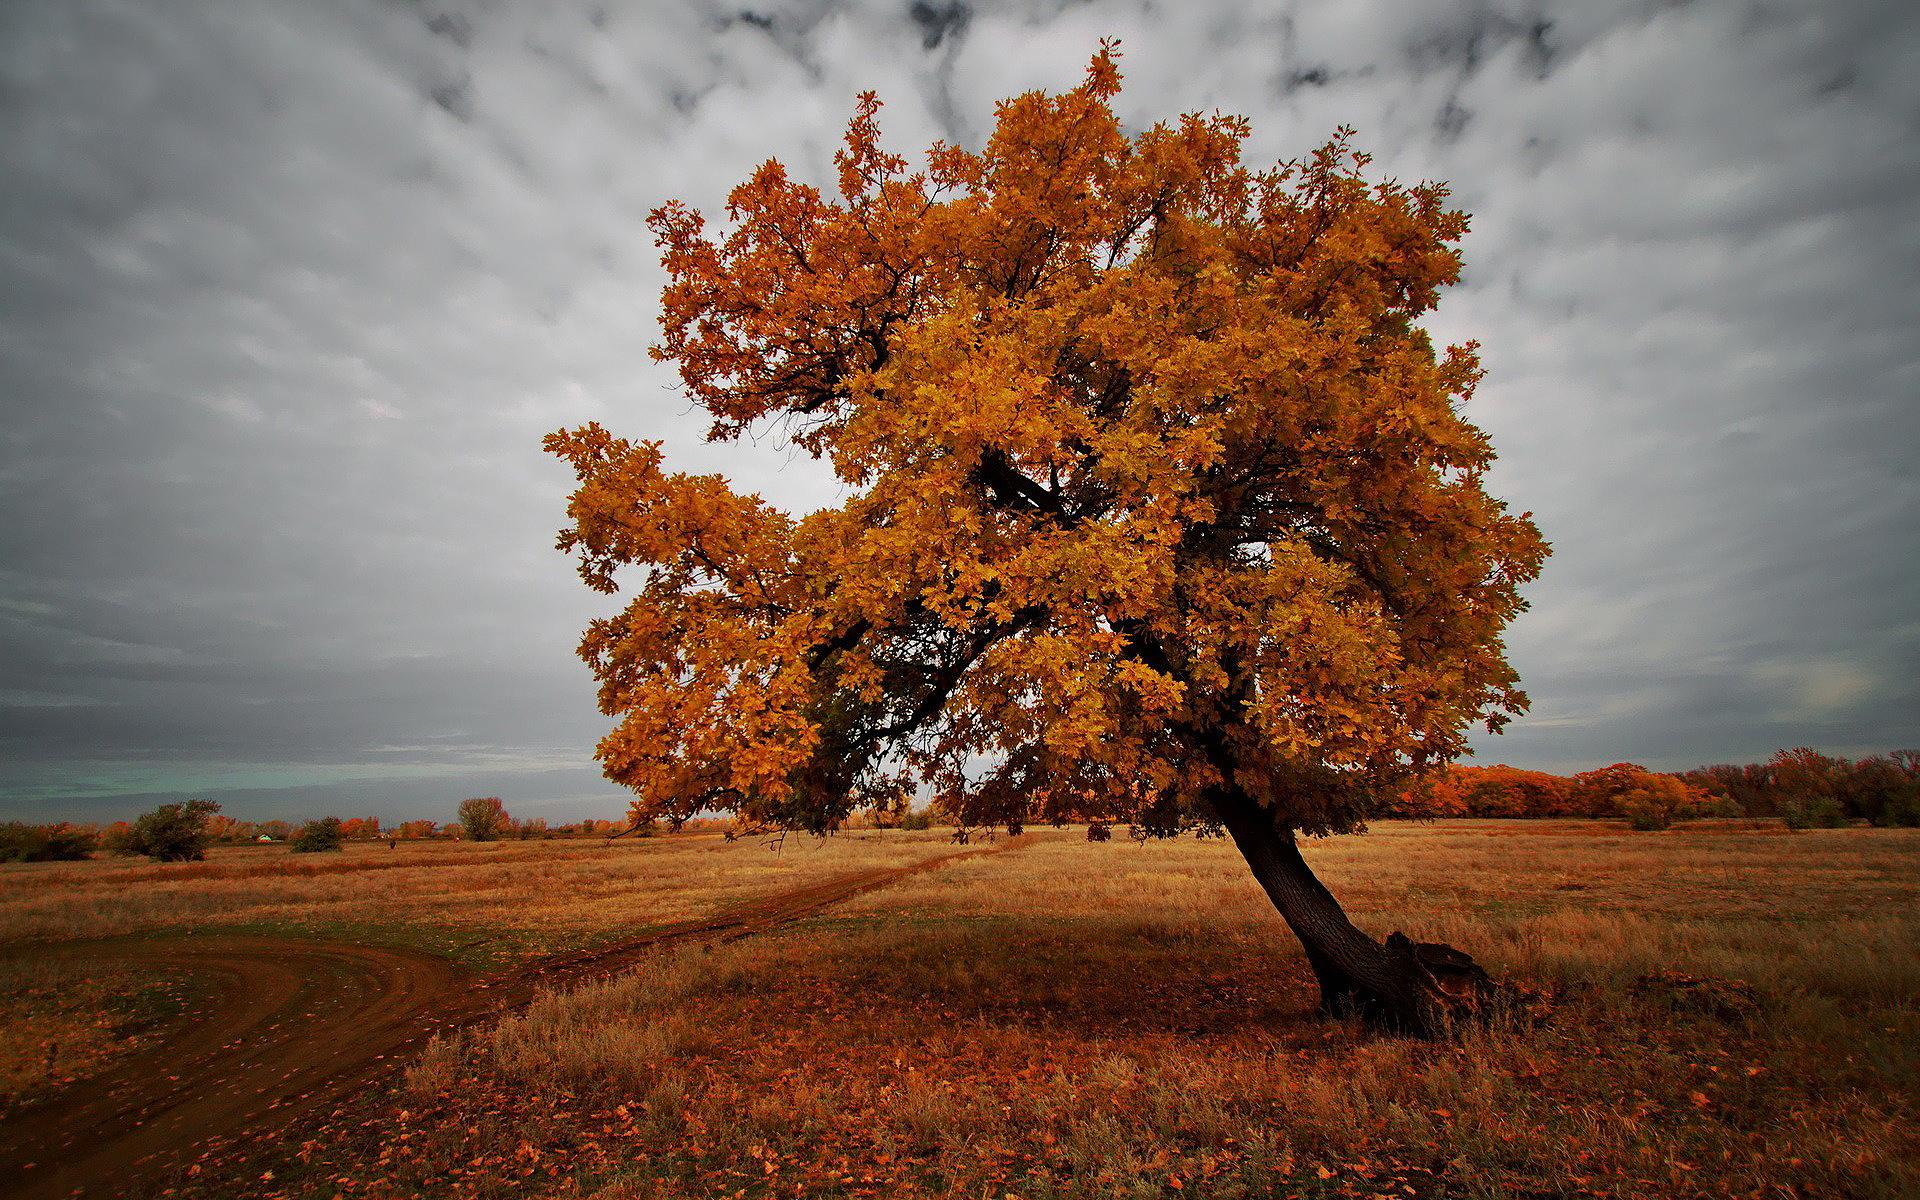 Autumn Leaves 3d Live Wallpaper Autumn Brown Landscape Hd Desktop Wallpapers 4k Hd